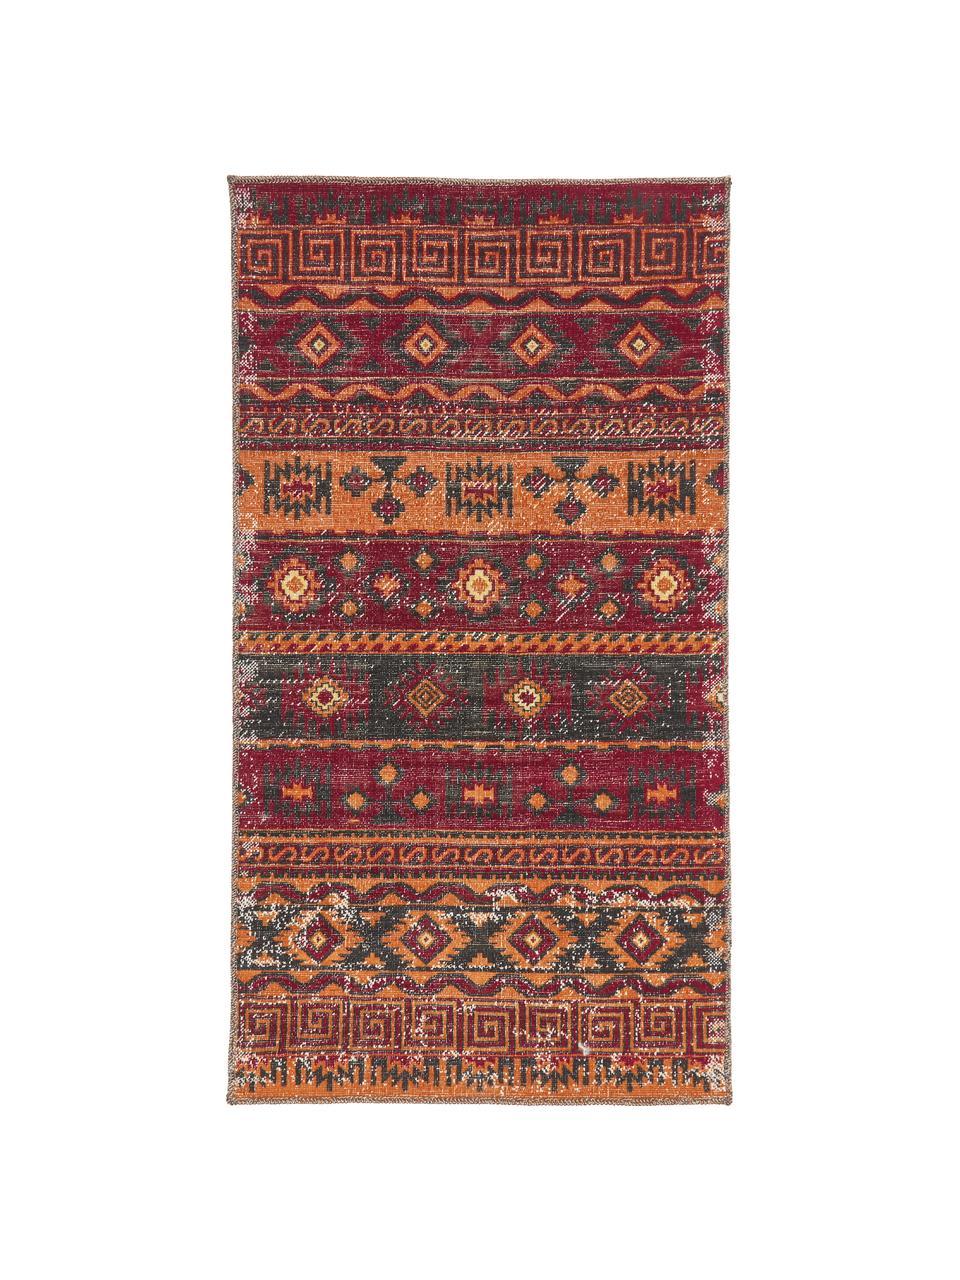 Tappeto orientale rosso scuro da interno-esterno Tilas Istanbul, 100% polipropilene, Rosso scuro, giallo senape, kaki, Larg.160 x Lung. 230 cm (taglia M)